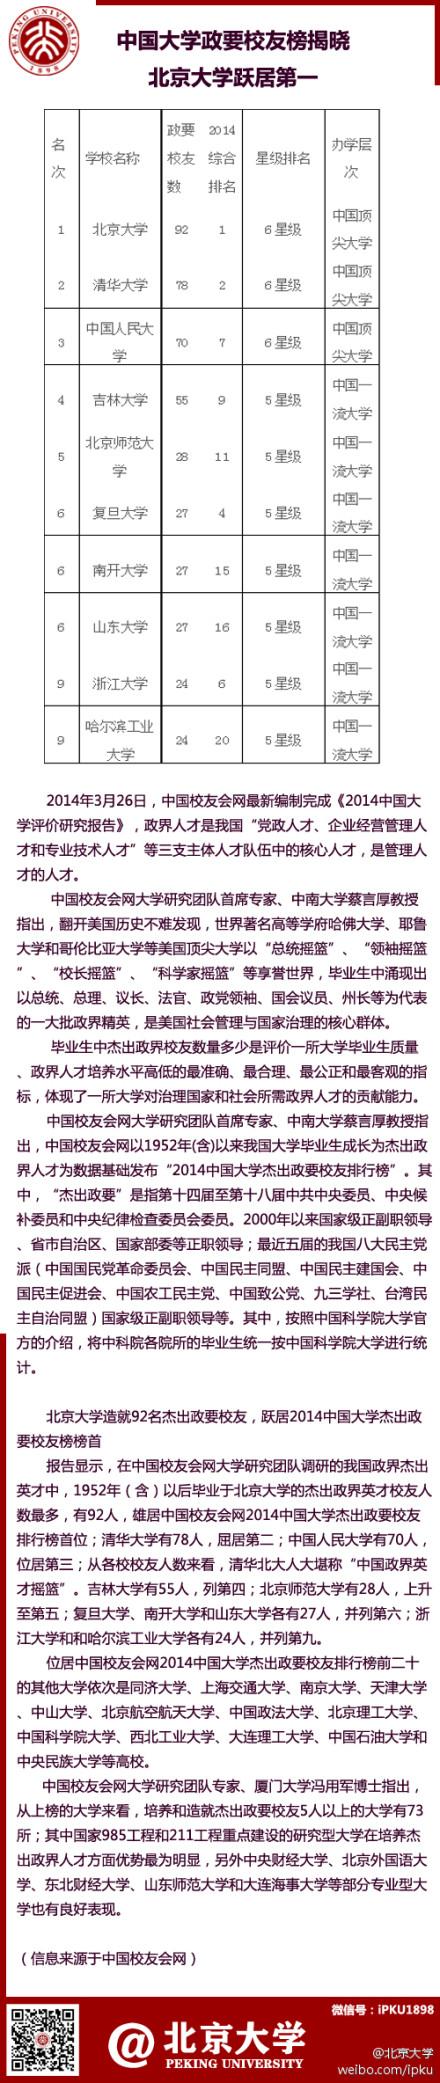 北京大学造就92名杰出政要校友,跃居2014中国大学杰出政要校友榜榜首。